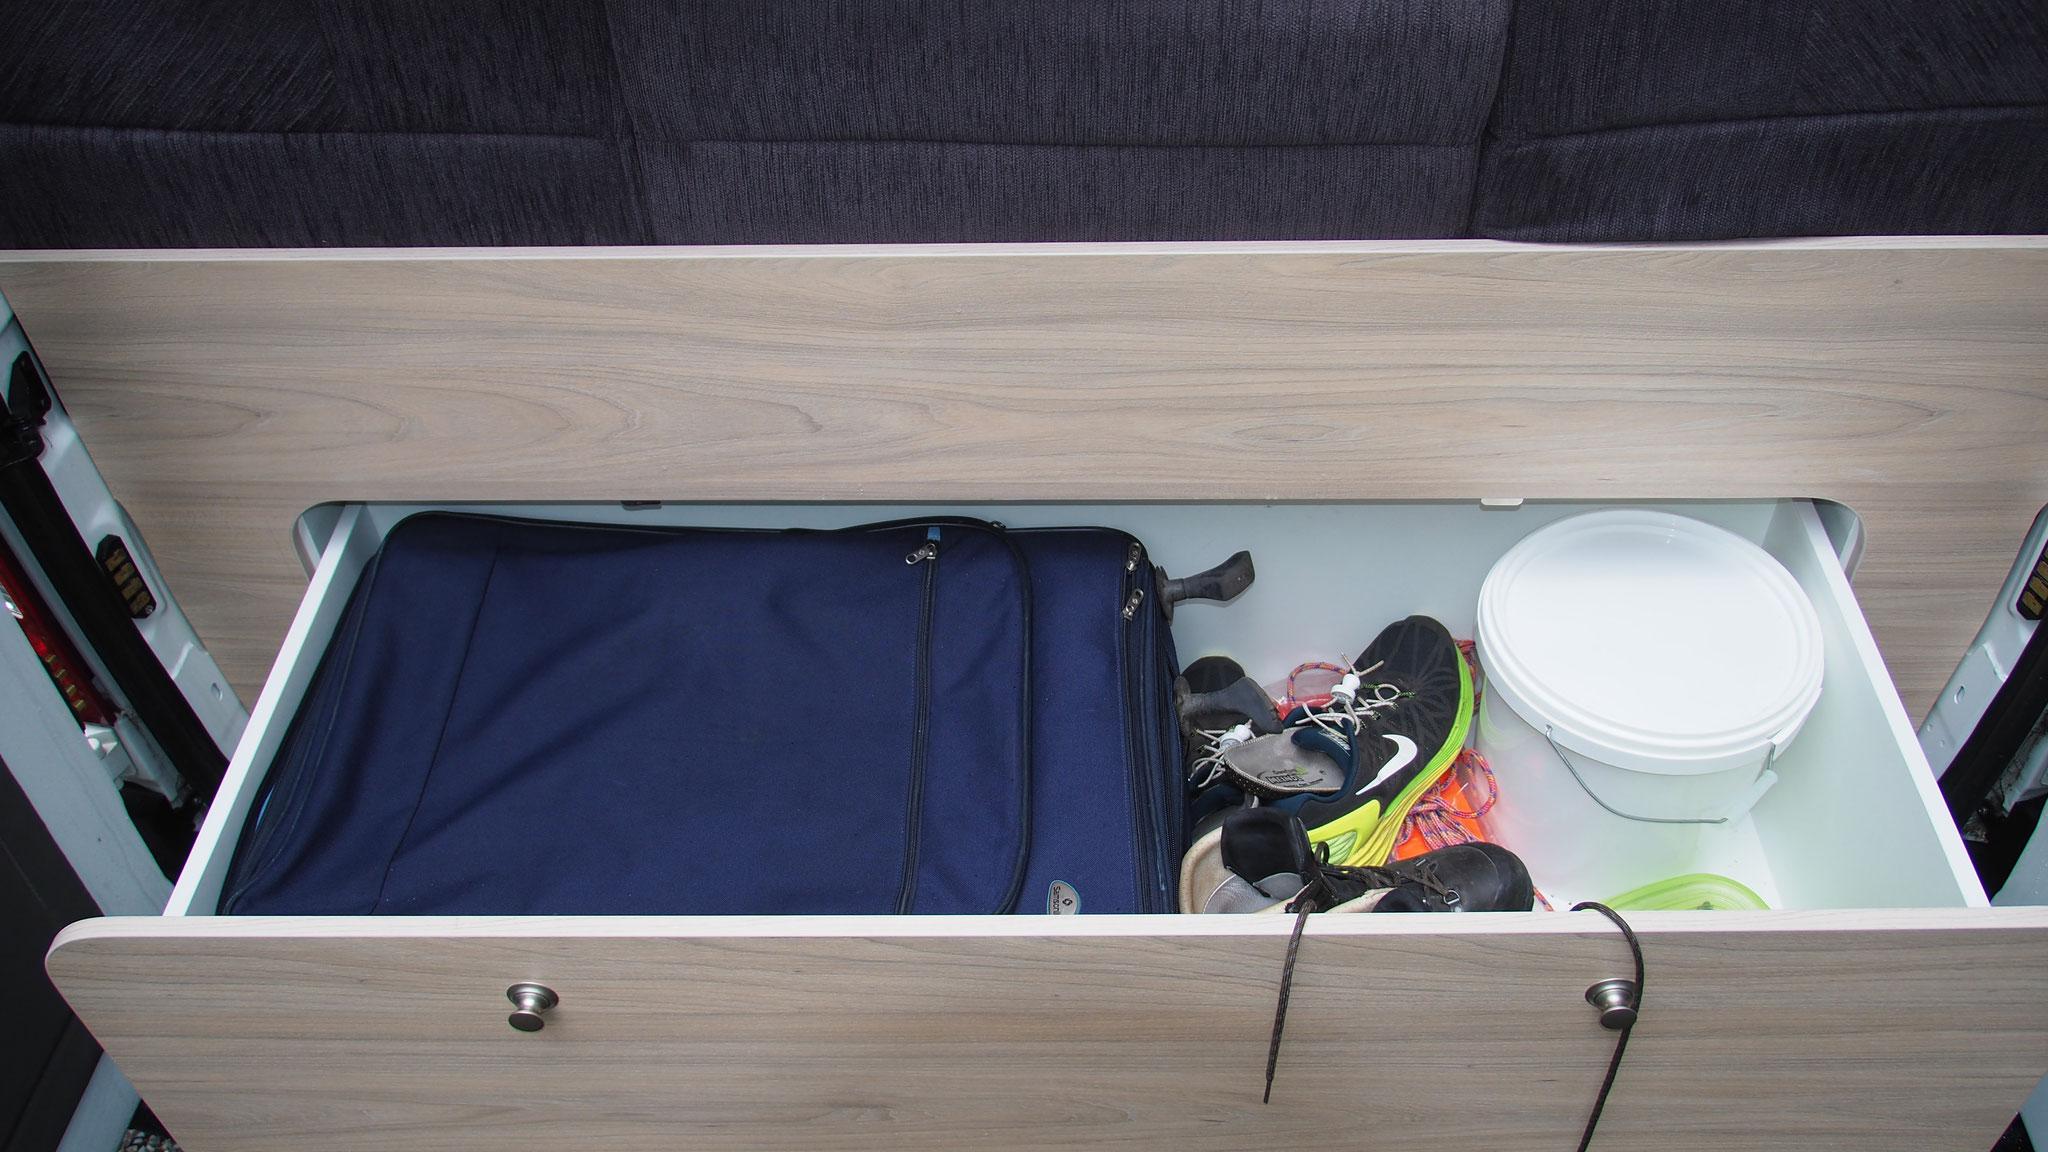 Genutzt - Der große Samsonite Koffer passt in die hintere Schublade